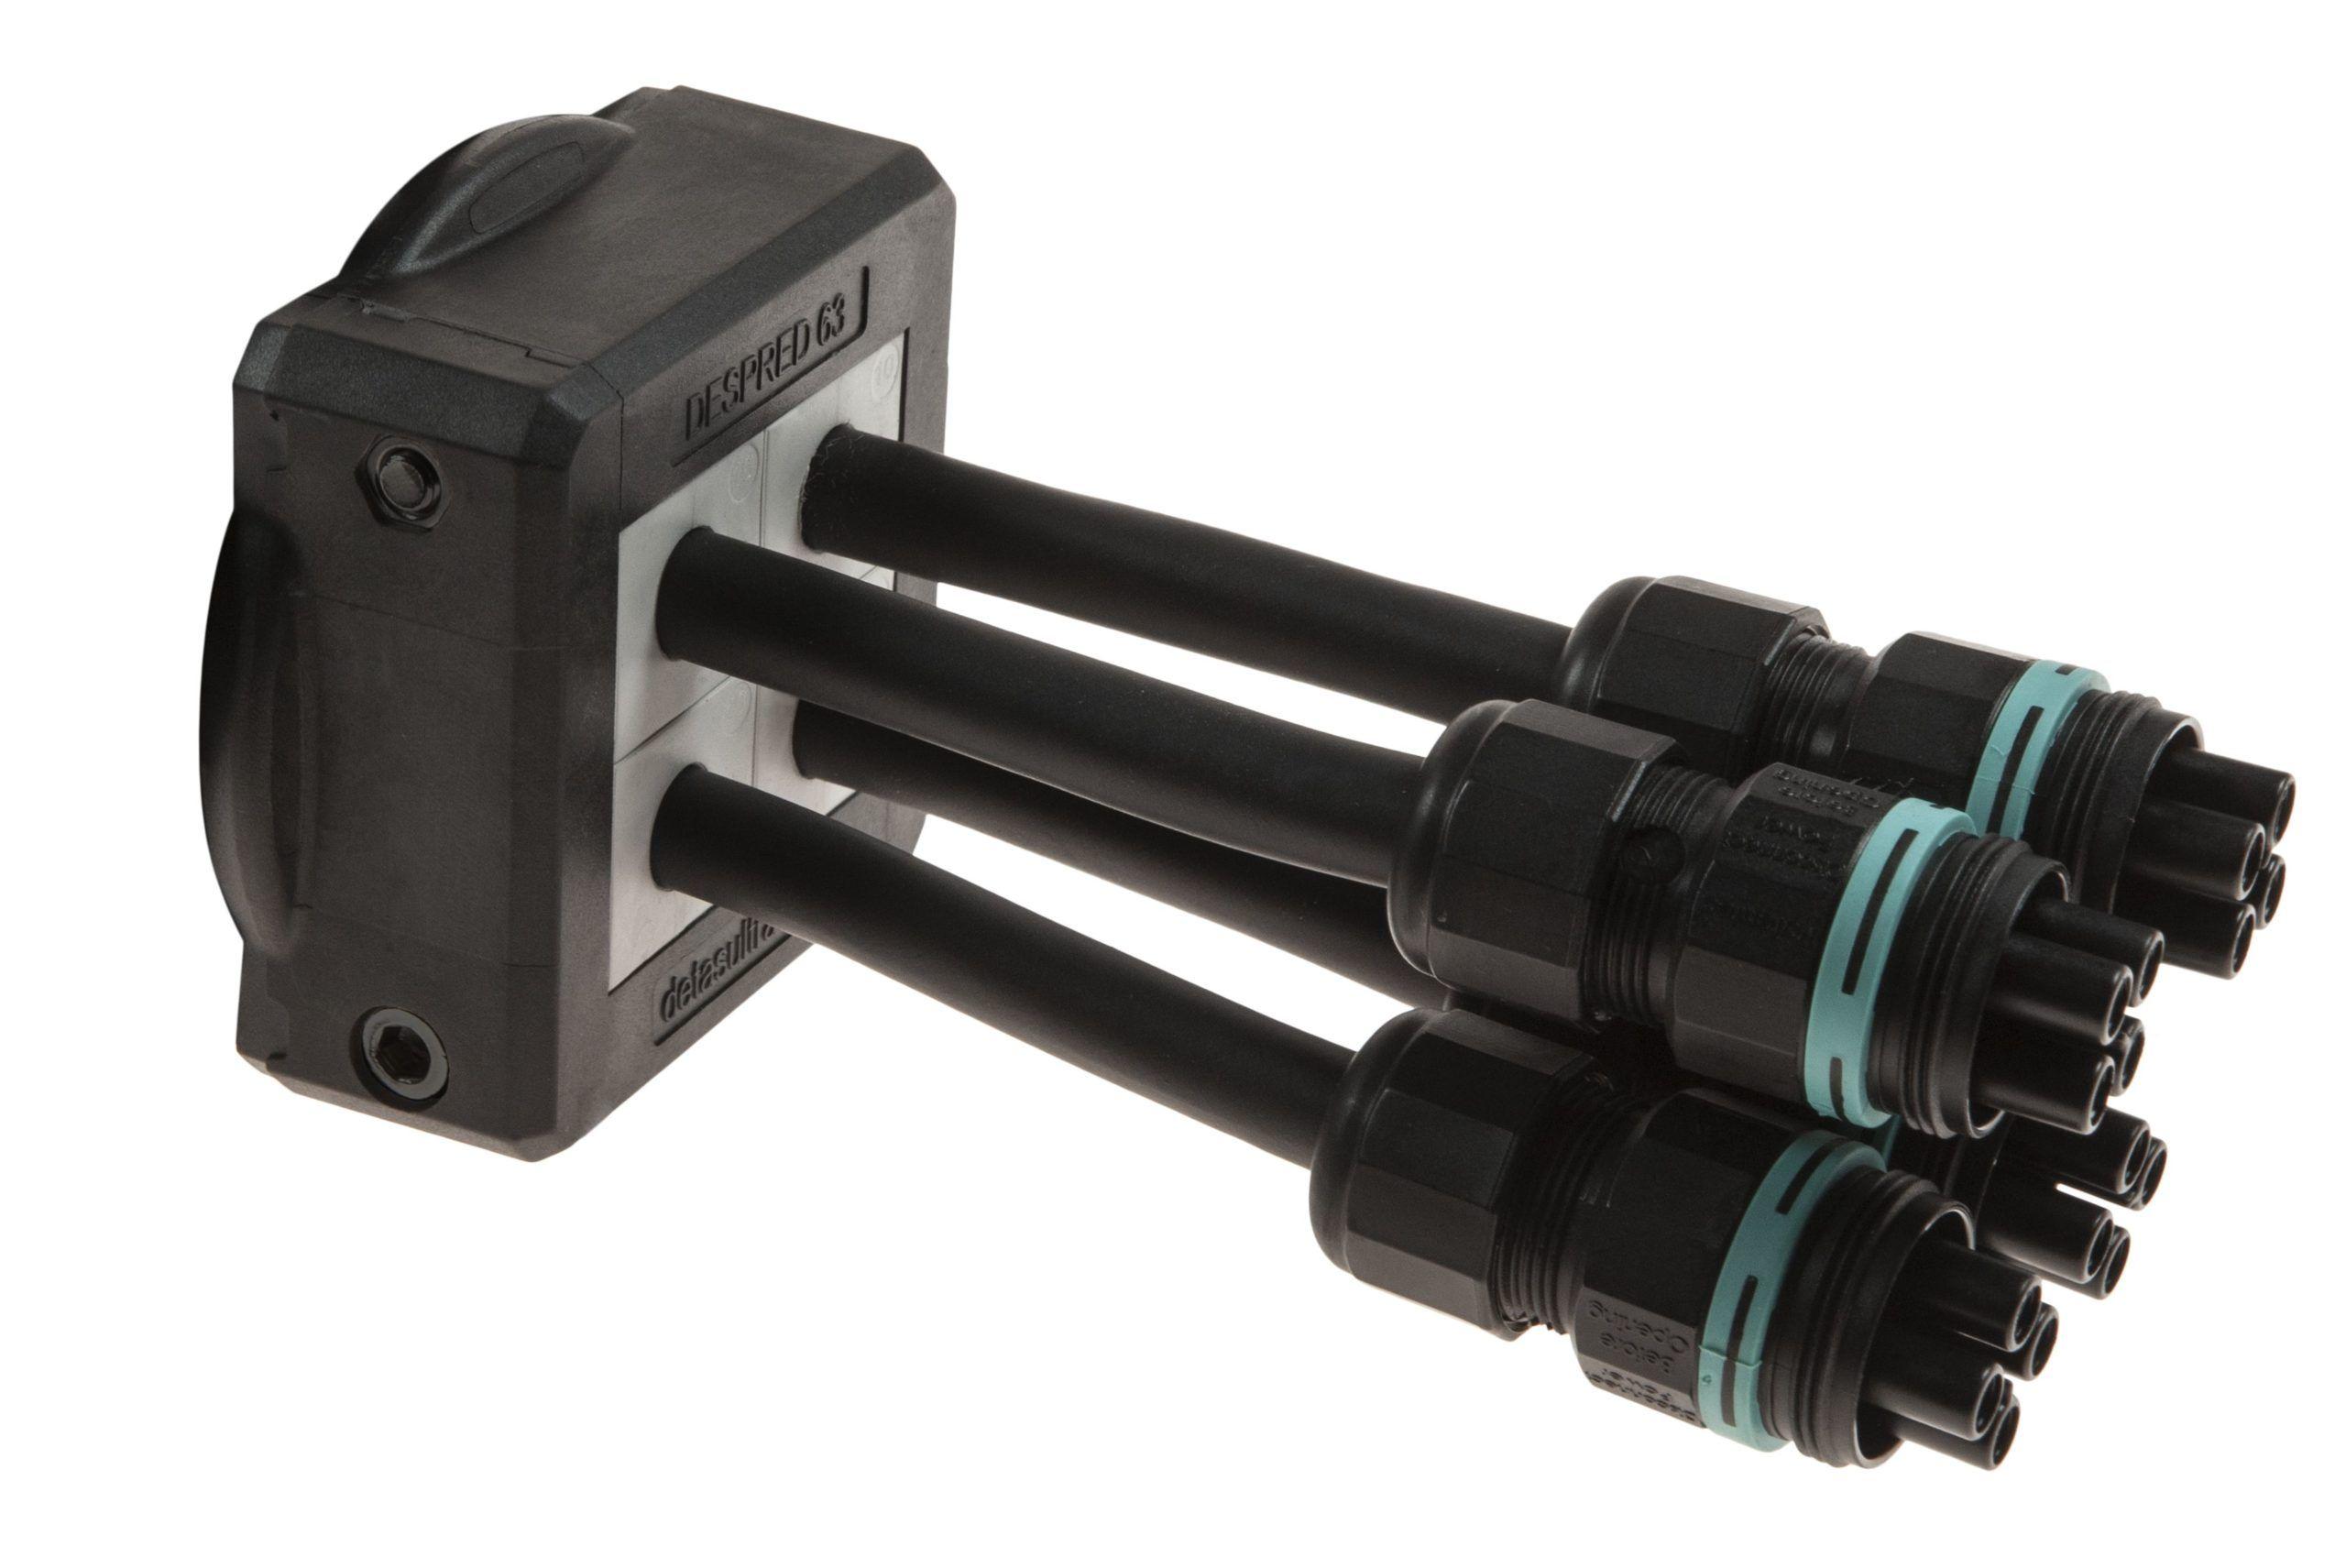 DES Pred Splittable Cable Gland